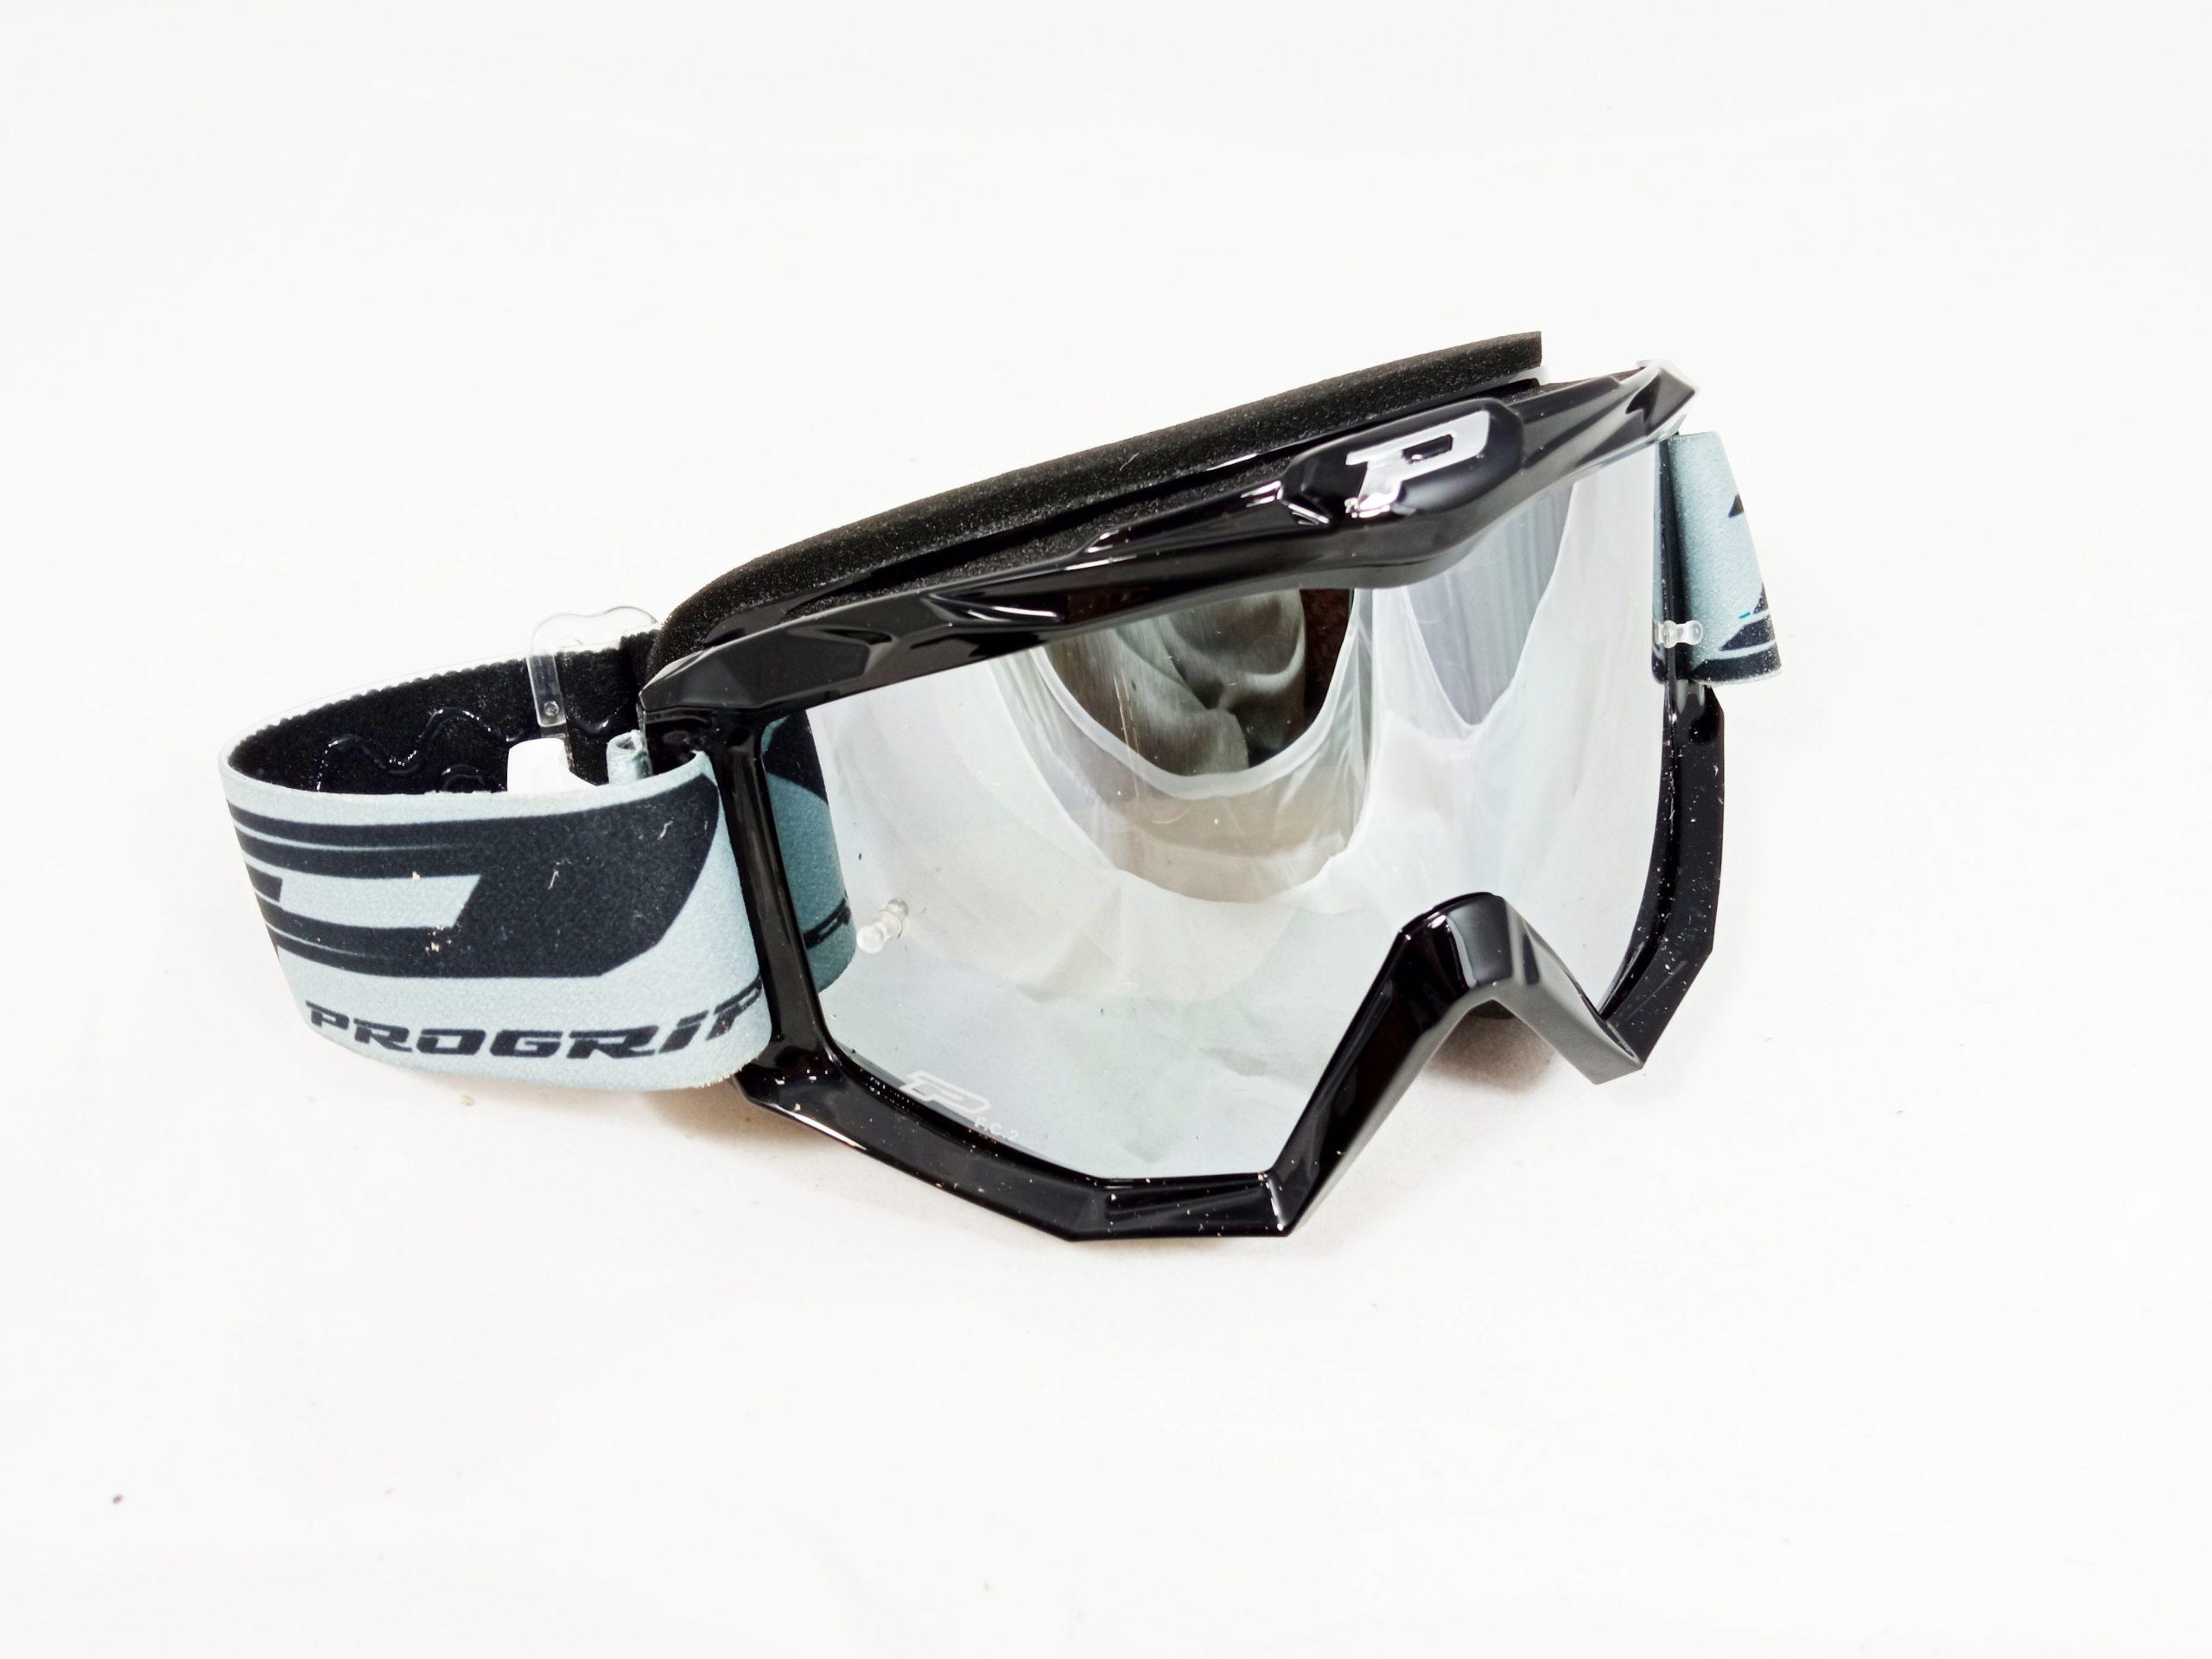 Brýle Progrip 3201 černé zrcadlo